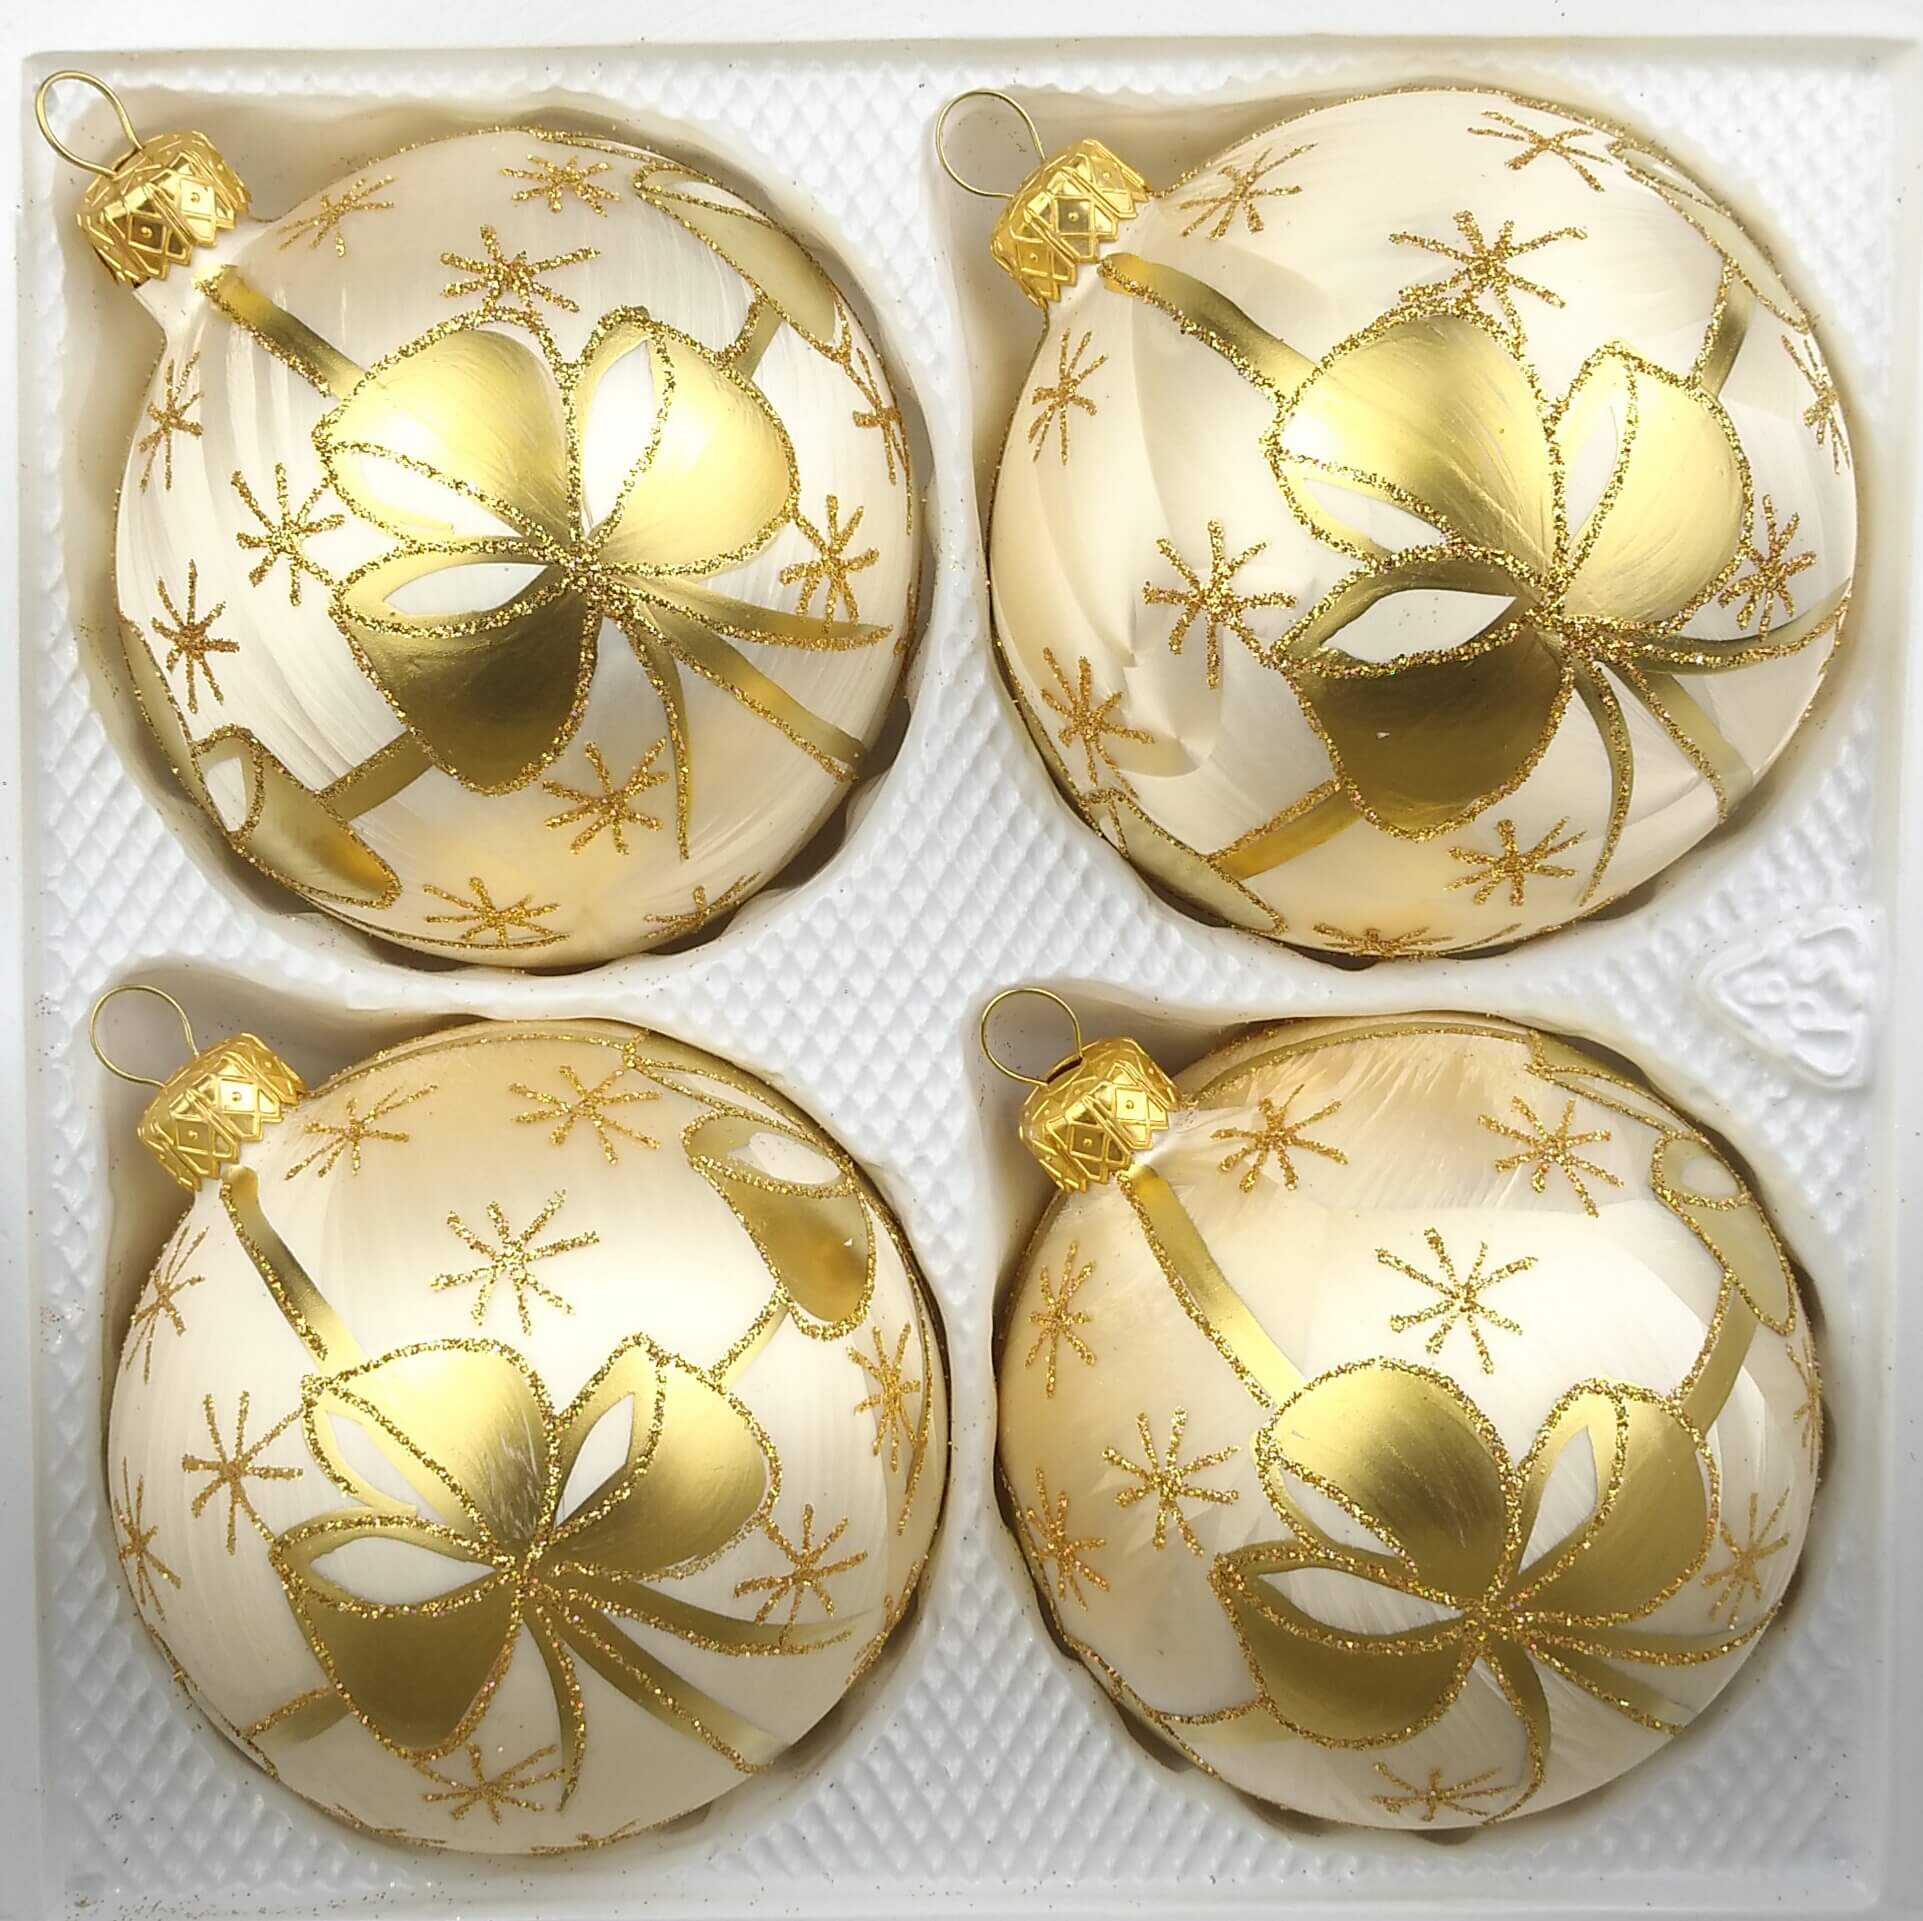 Christbaumkugeln Champagner Glas.4 Tlg Glas Weihnachtskugeln Set 10cm ø In Ice Champagner Goldene Schleife